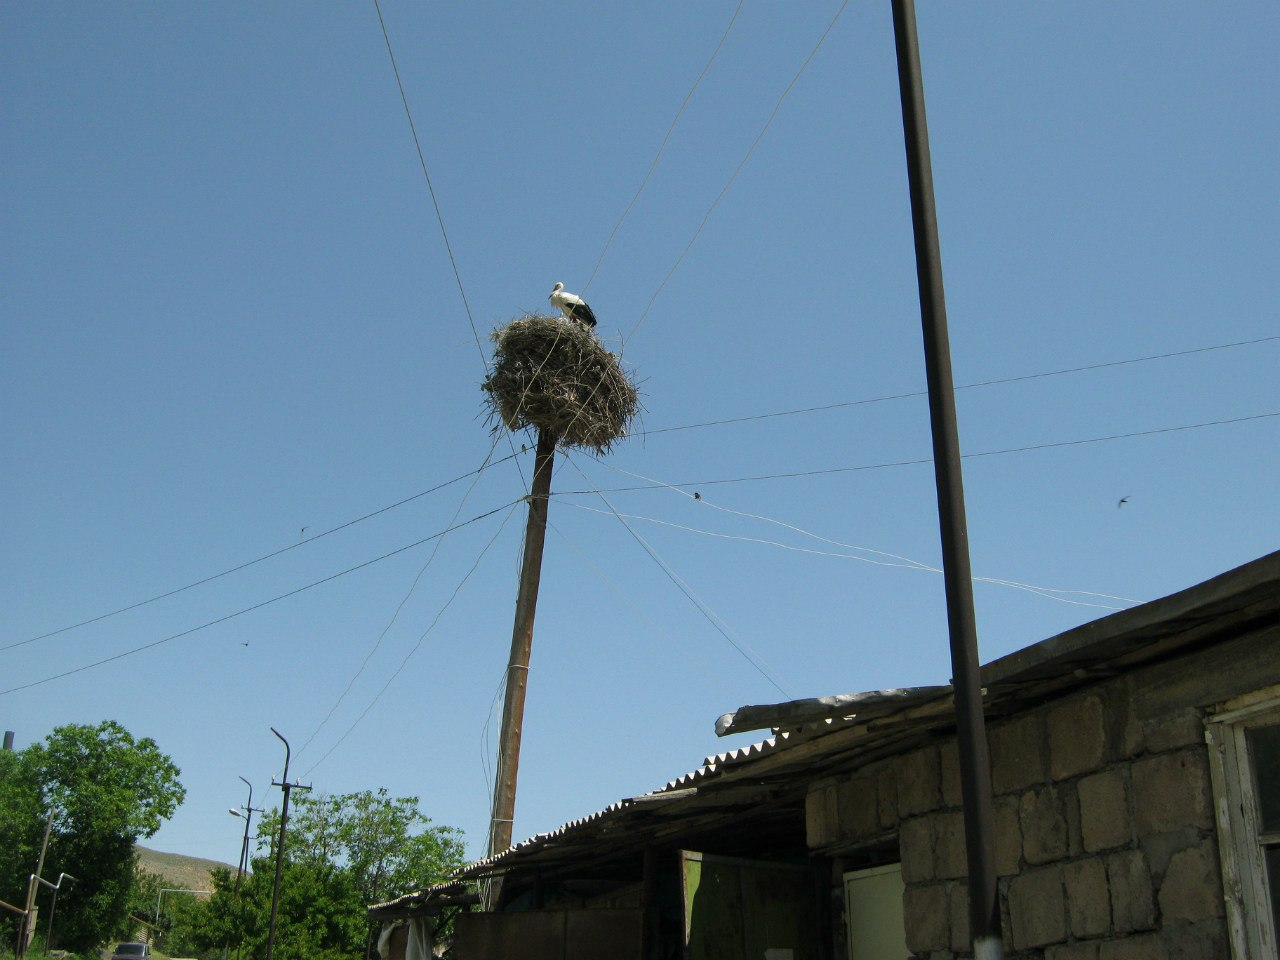 гнездо семьи аистов на столбе в селе в Армении